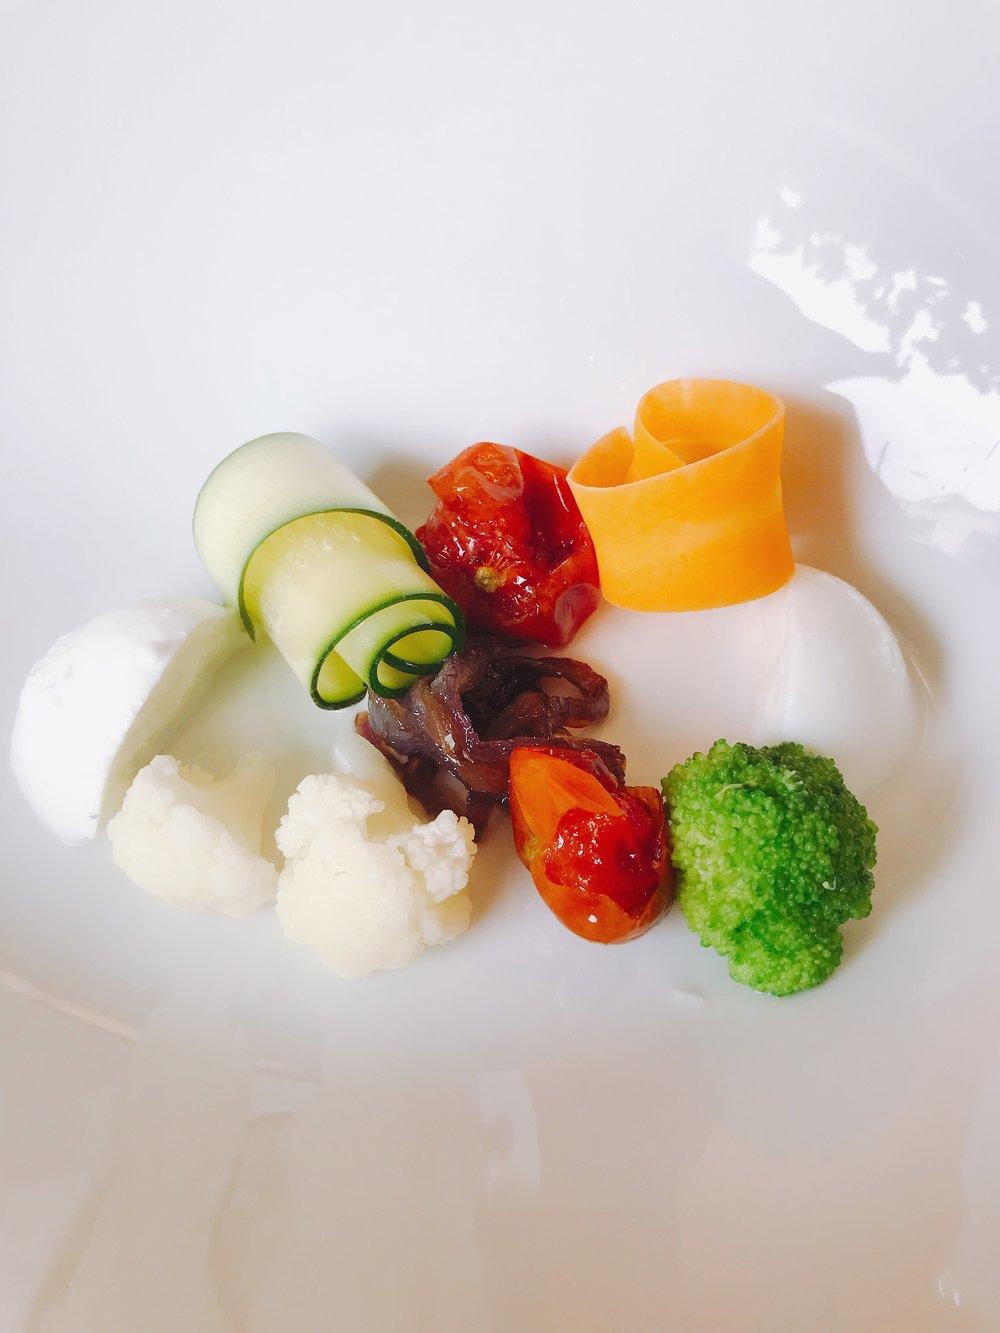 Nero: Buffalo Mozzarella, Tomato, Carrot, Broccoli (Before)